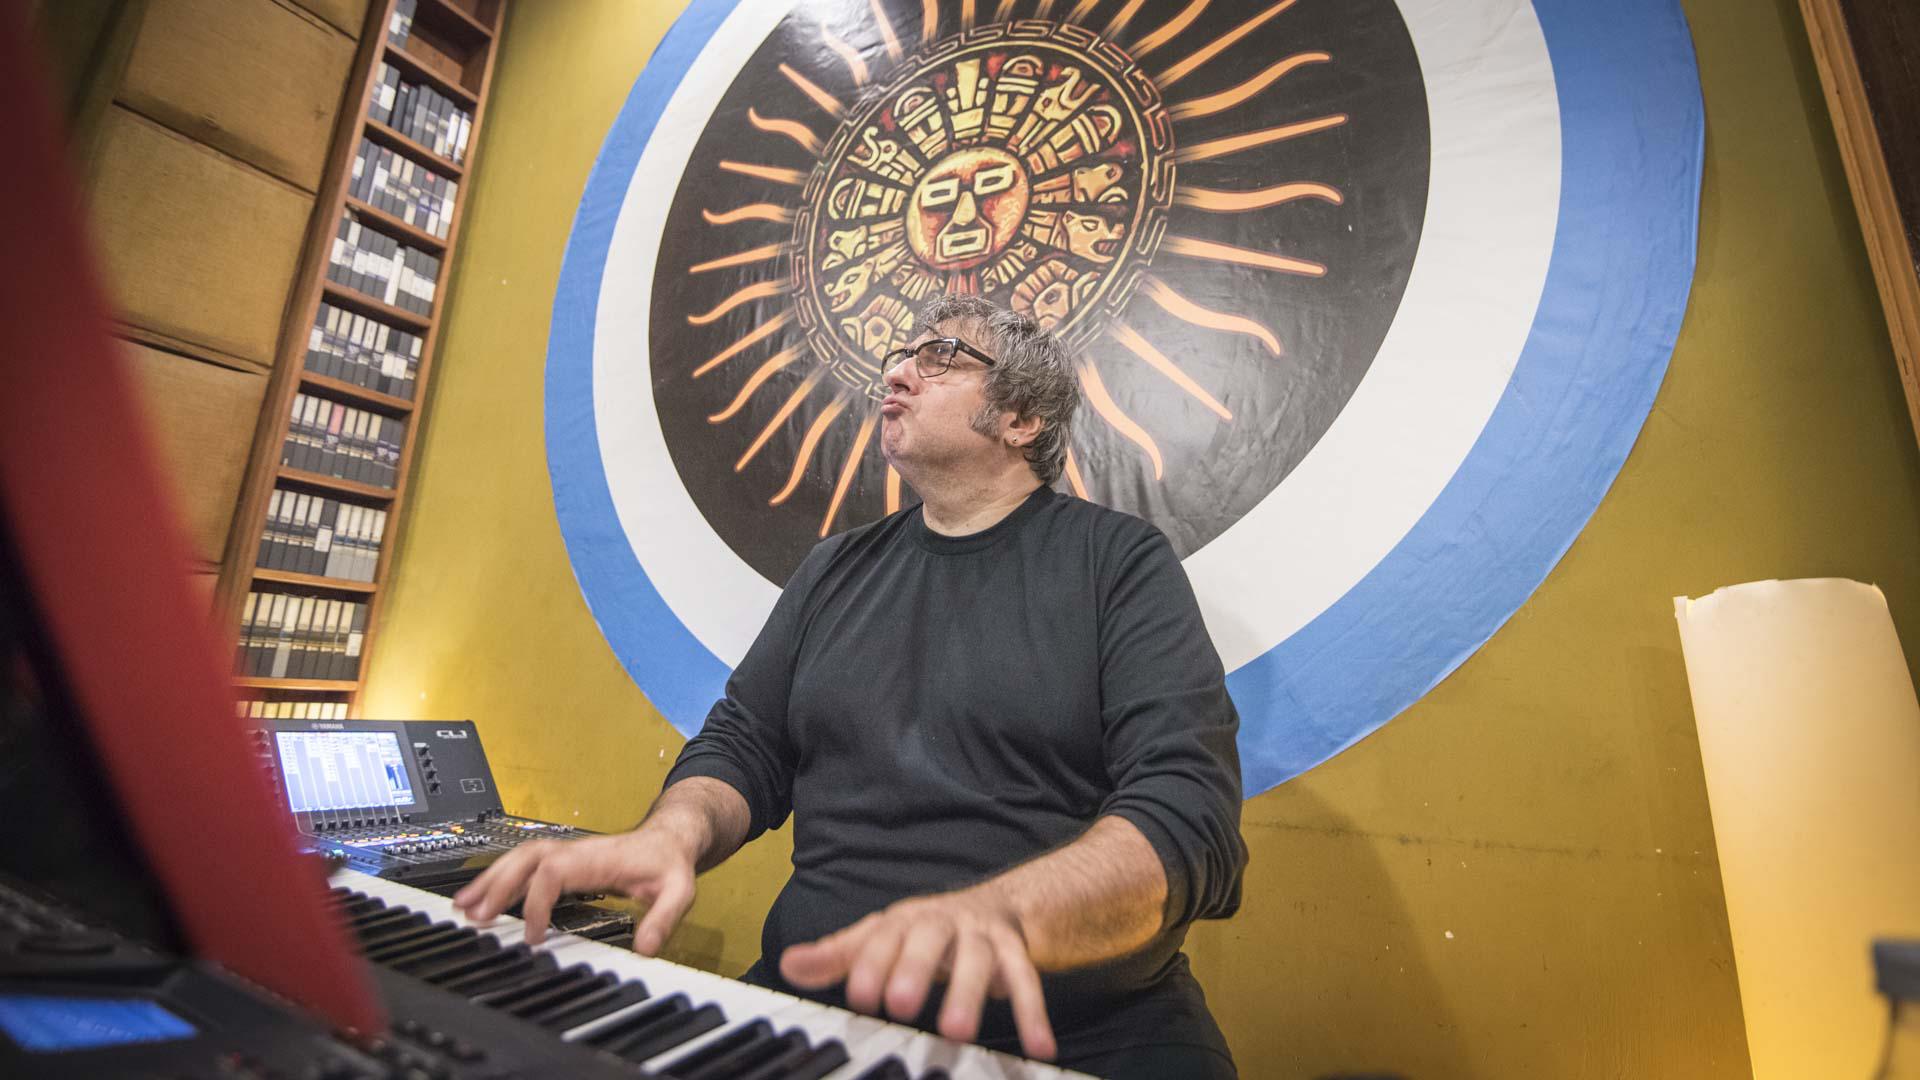 La gala fusionará el rock con la música clásica, de la mano de la dirección y producción musical de Lito Vitale promete ser un show único (fotografía de Guillermo Llanos)